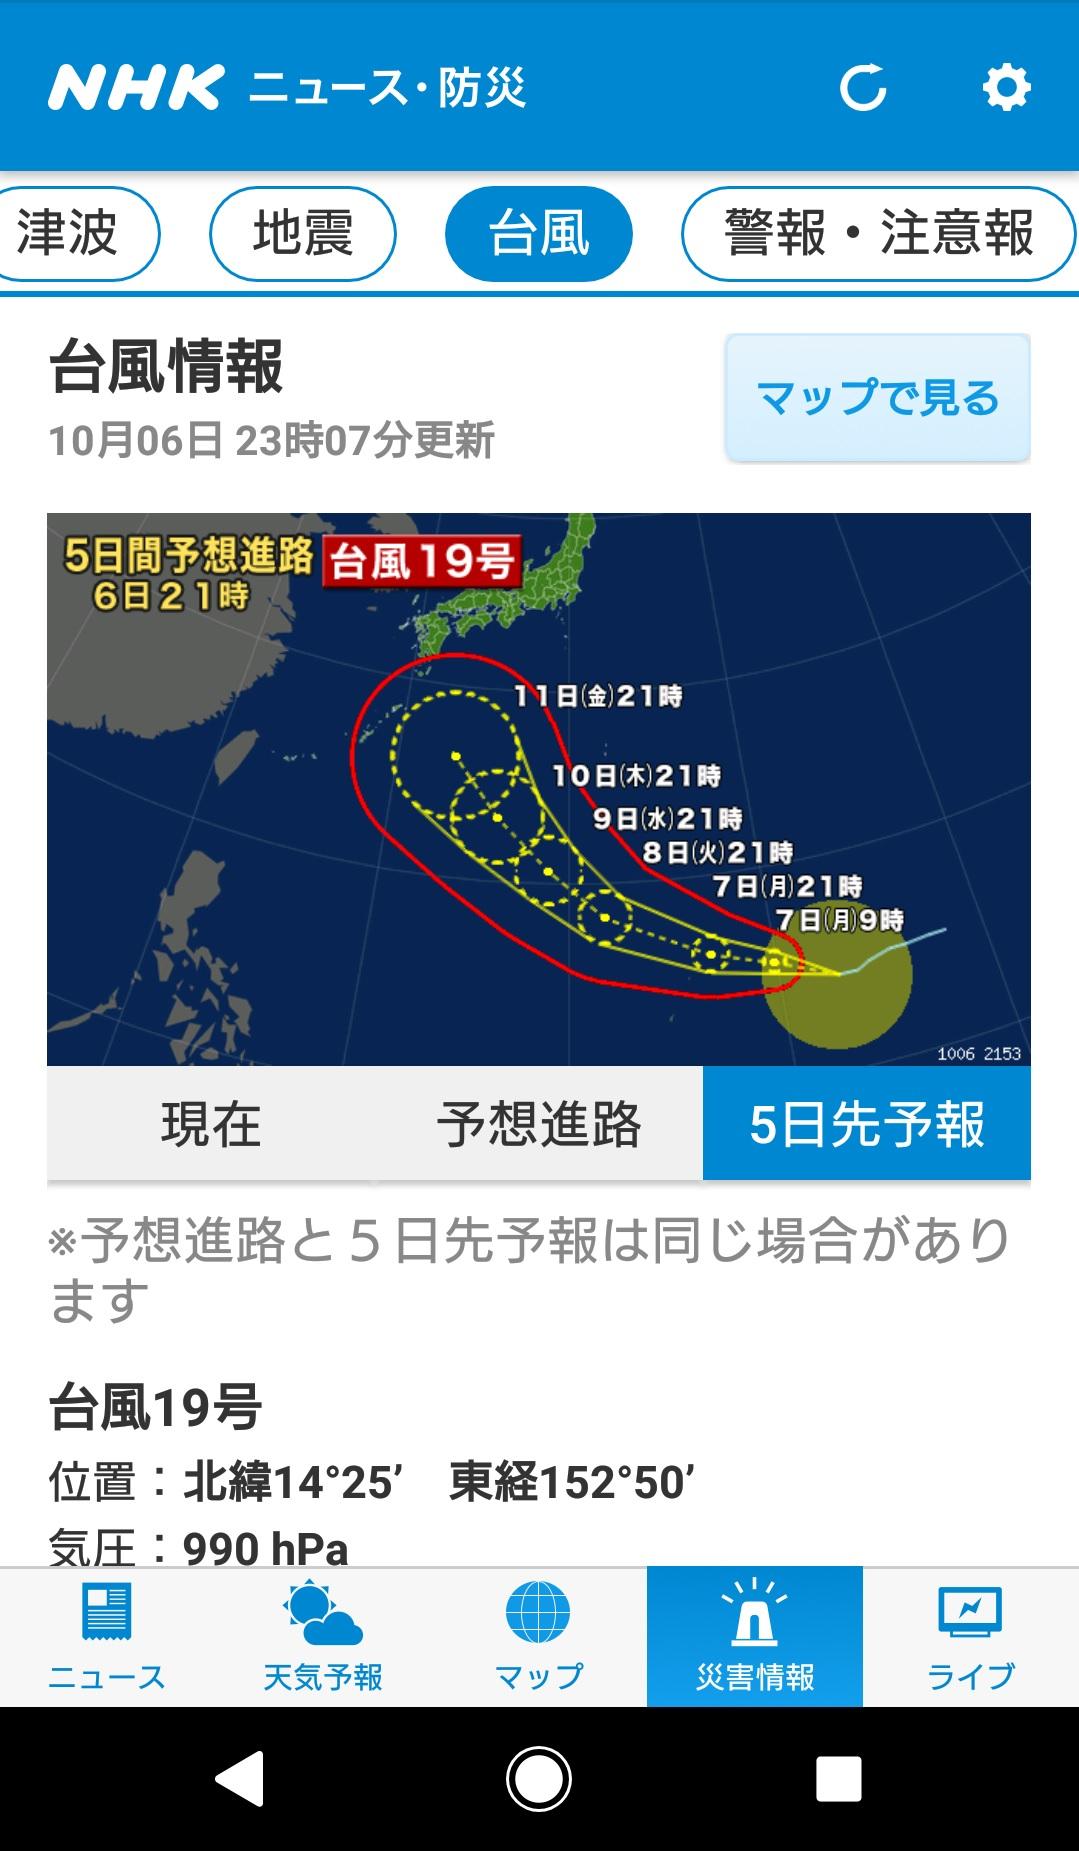 NHK-7.jpg